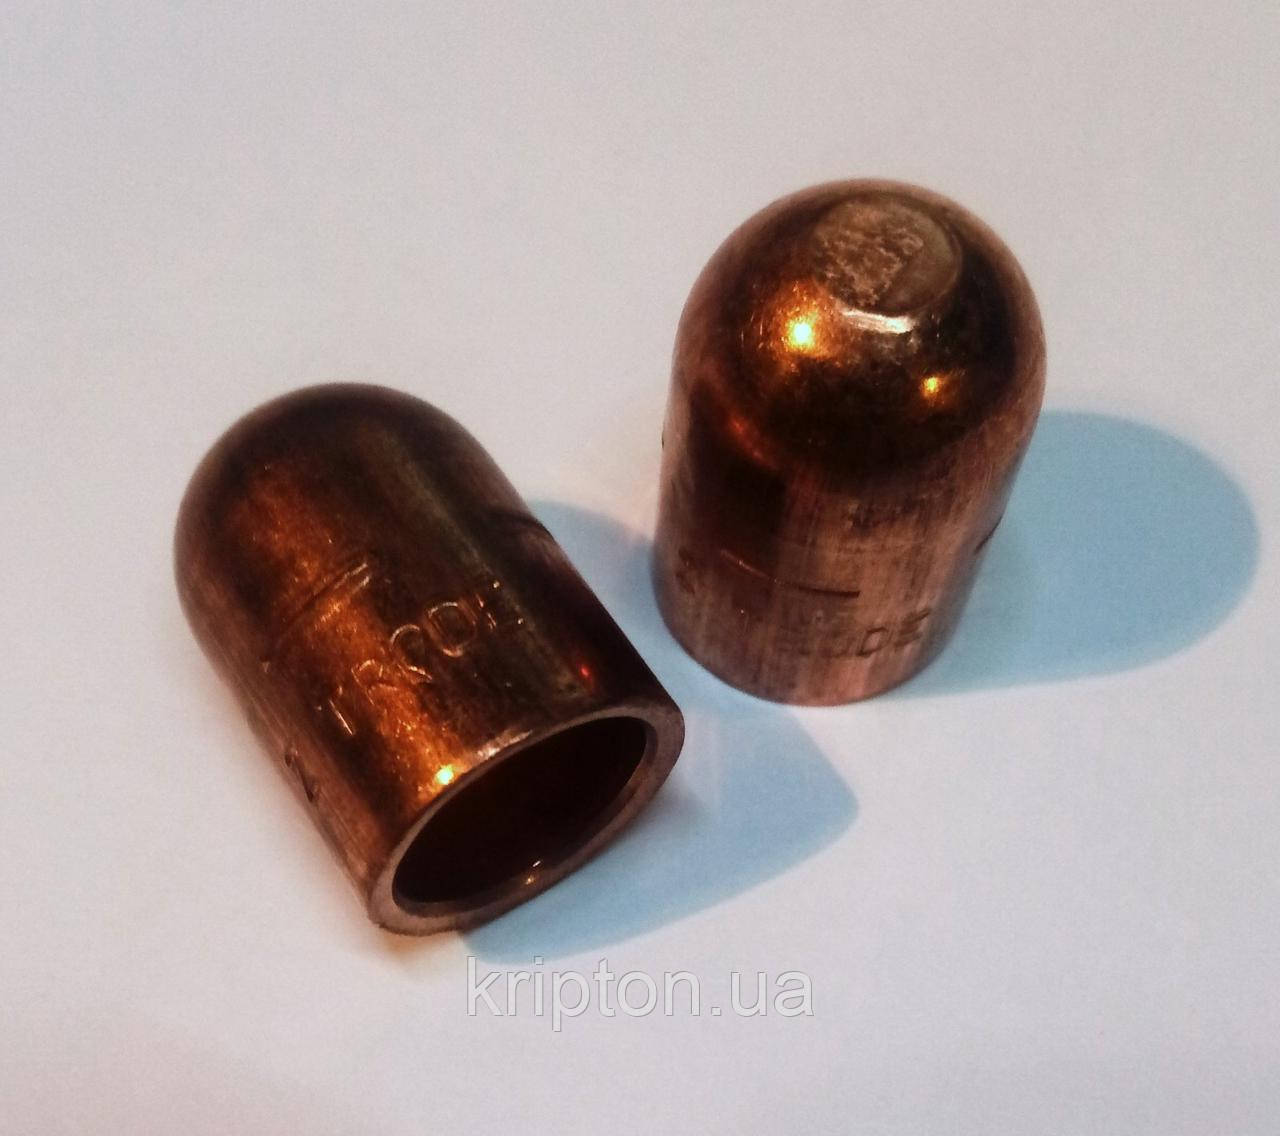 Колпачковый Электрод  G16х20  1шт. Для контактной сварки